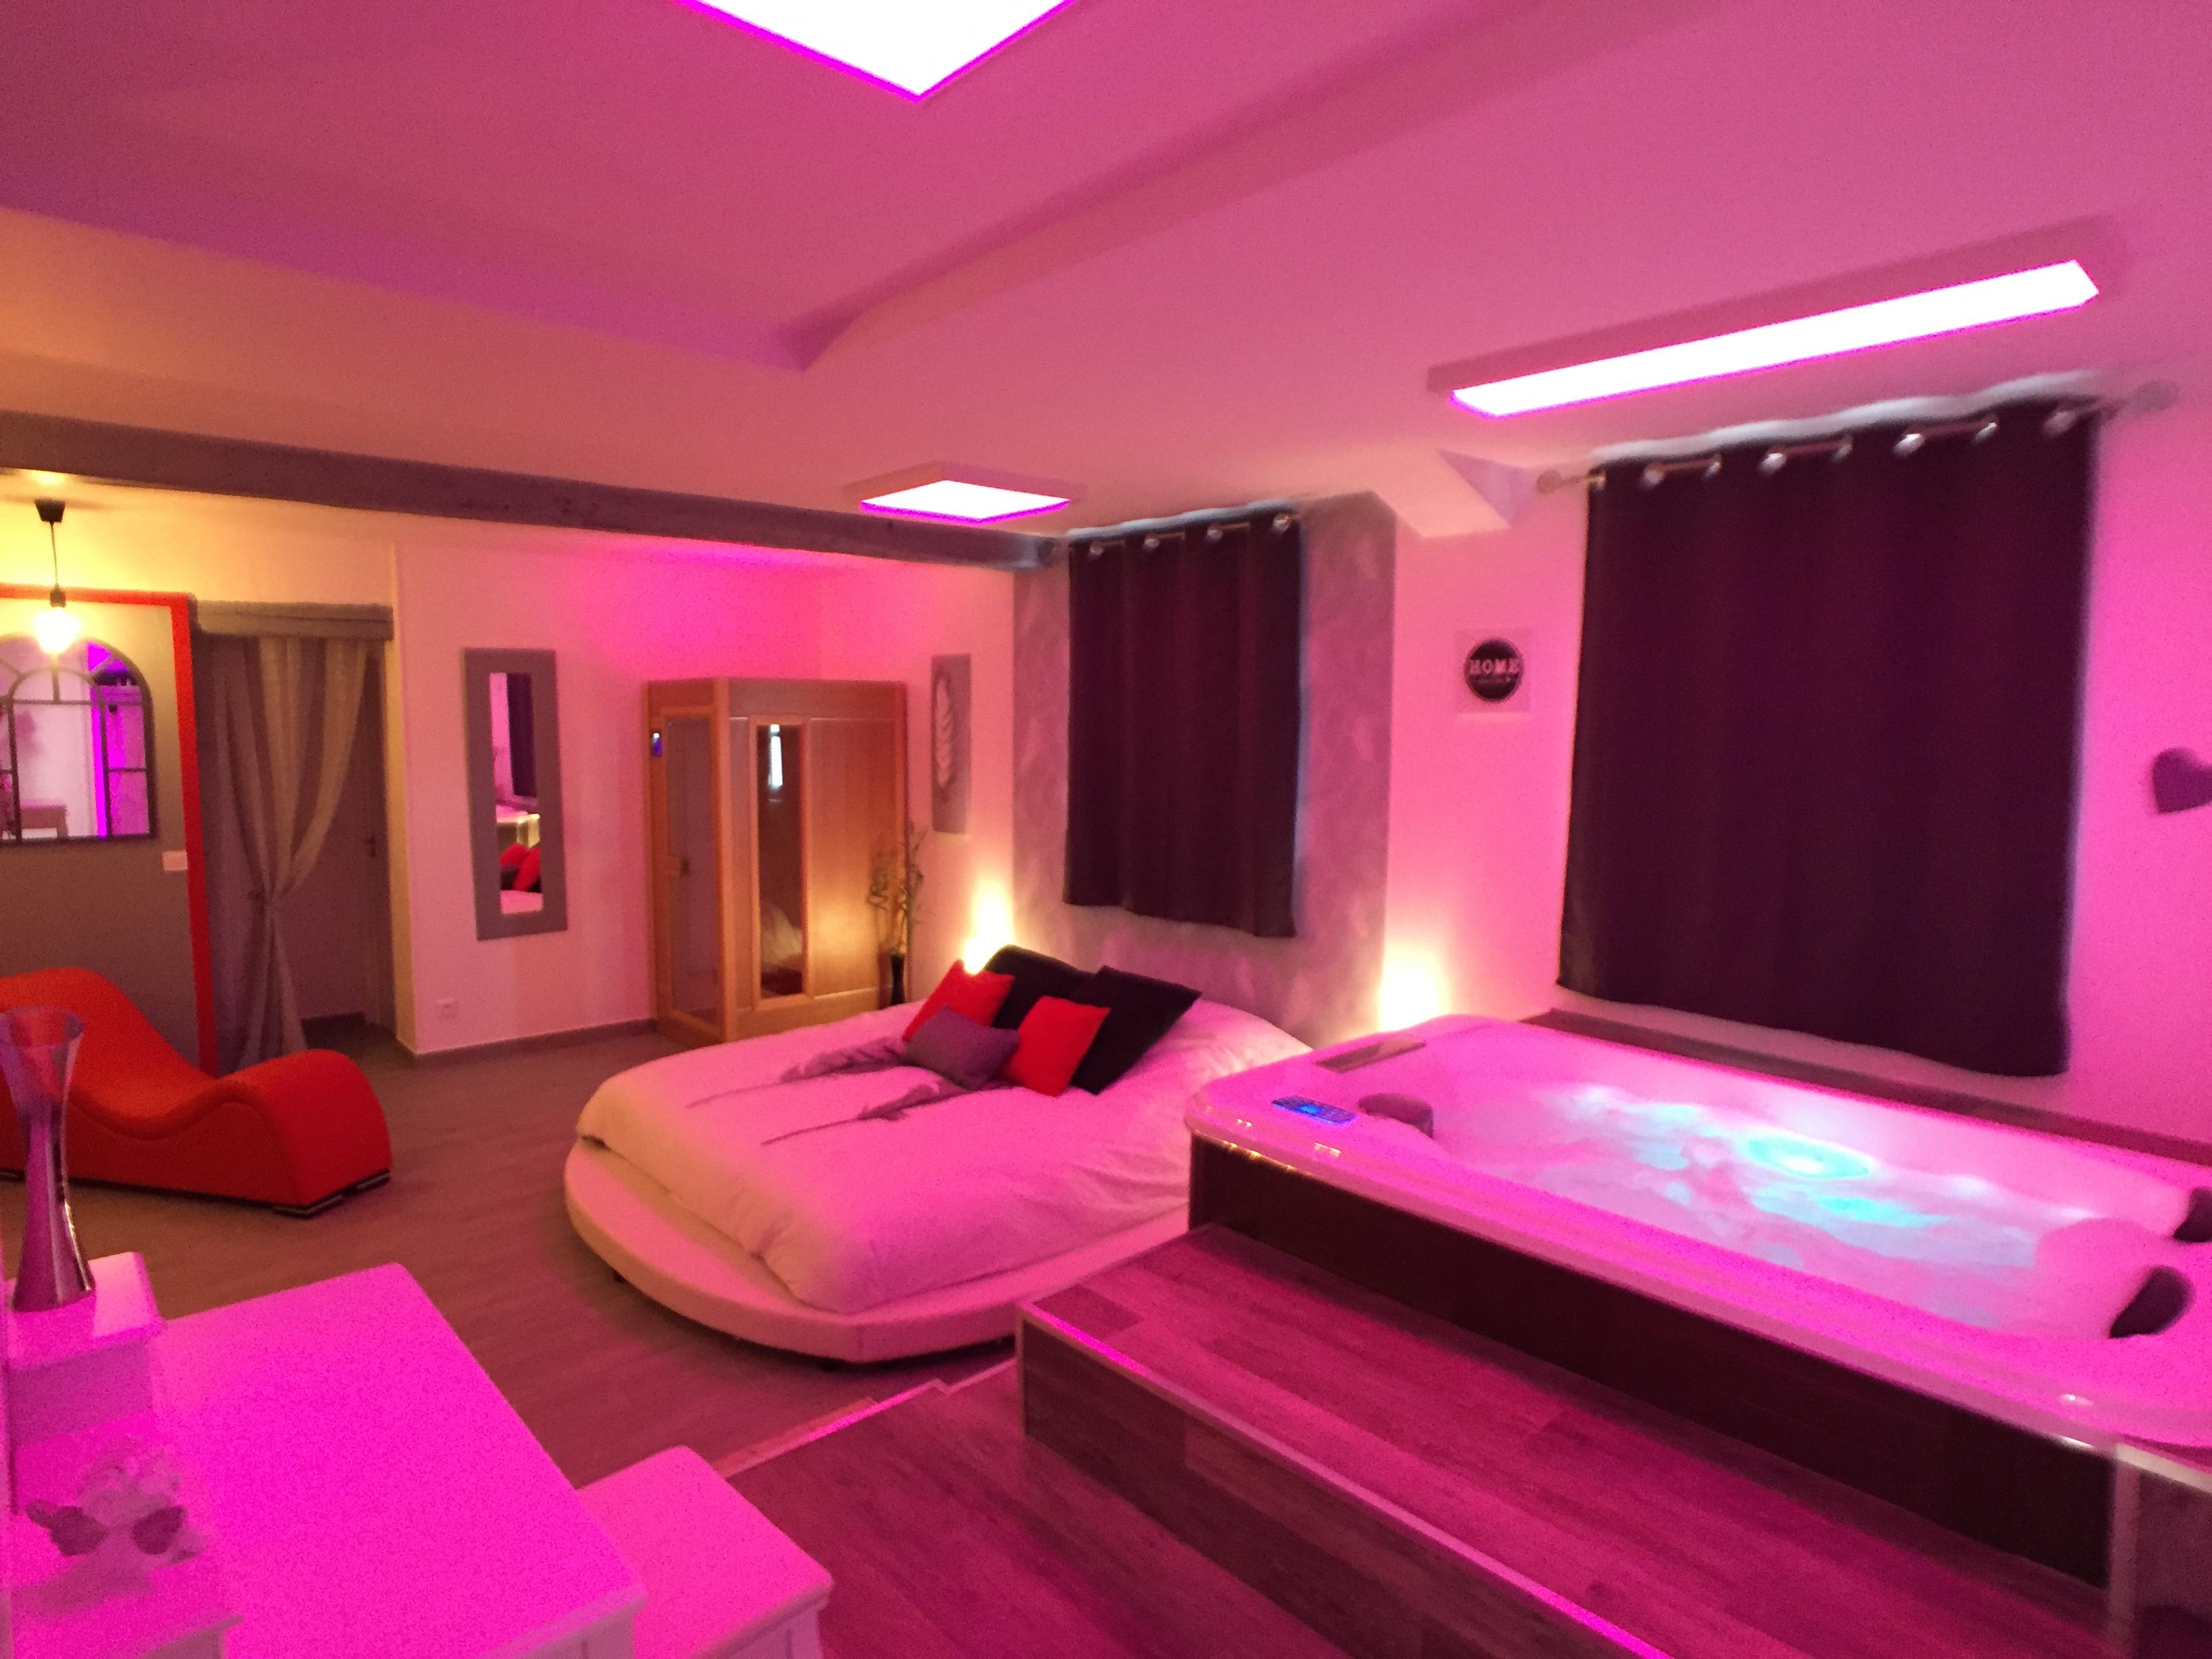 Suite Cupidon Ambre Spa Et Sauna Privatif Appartements A Louer A Moisenay Ile De France France